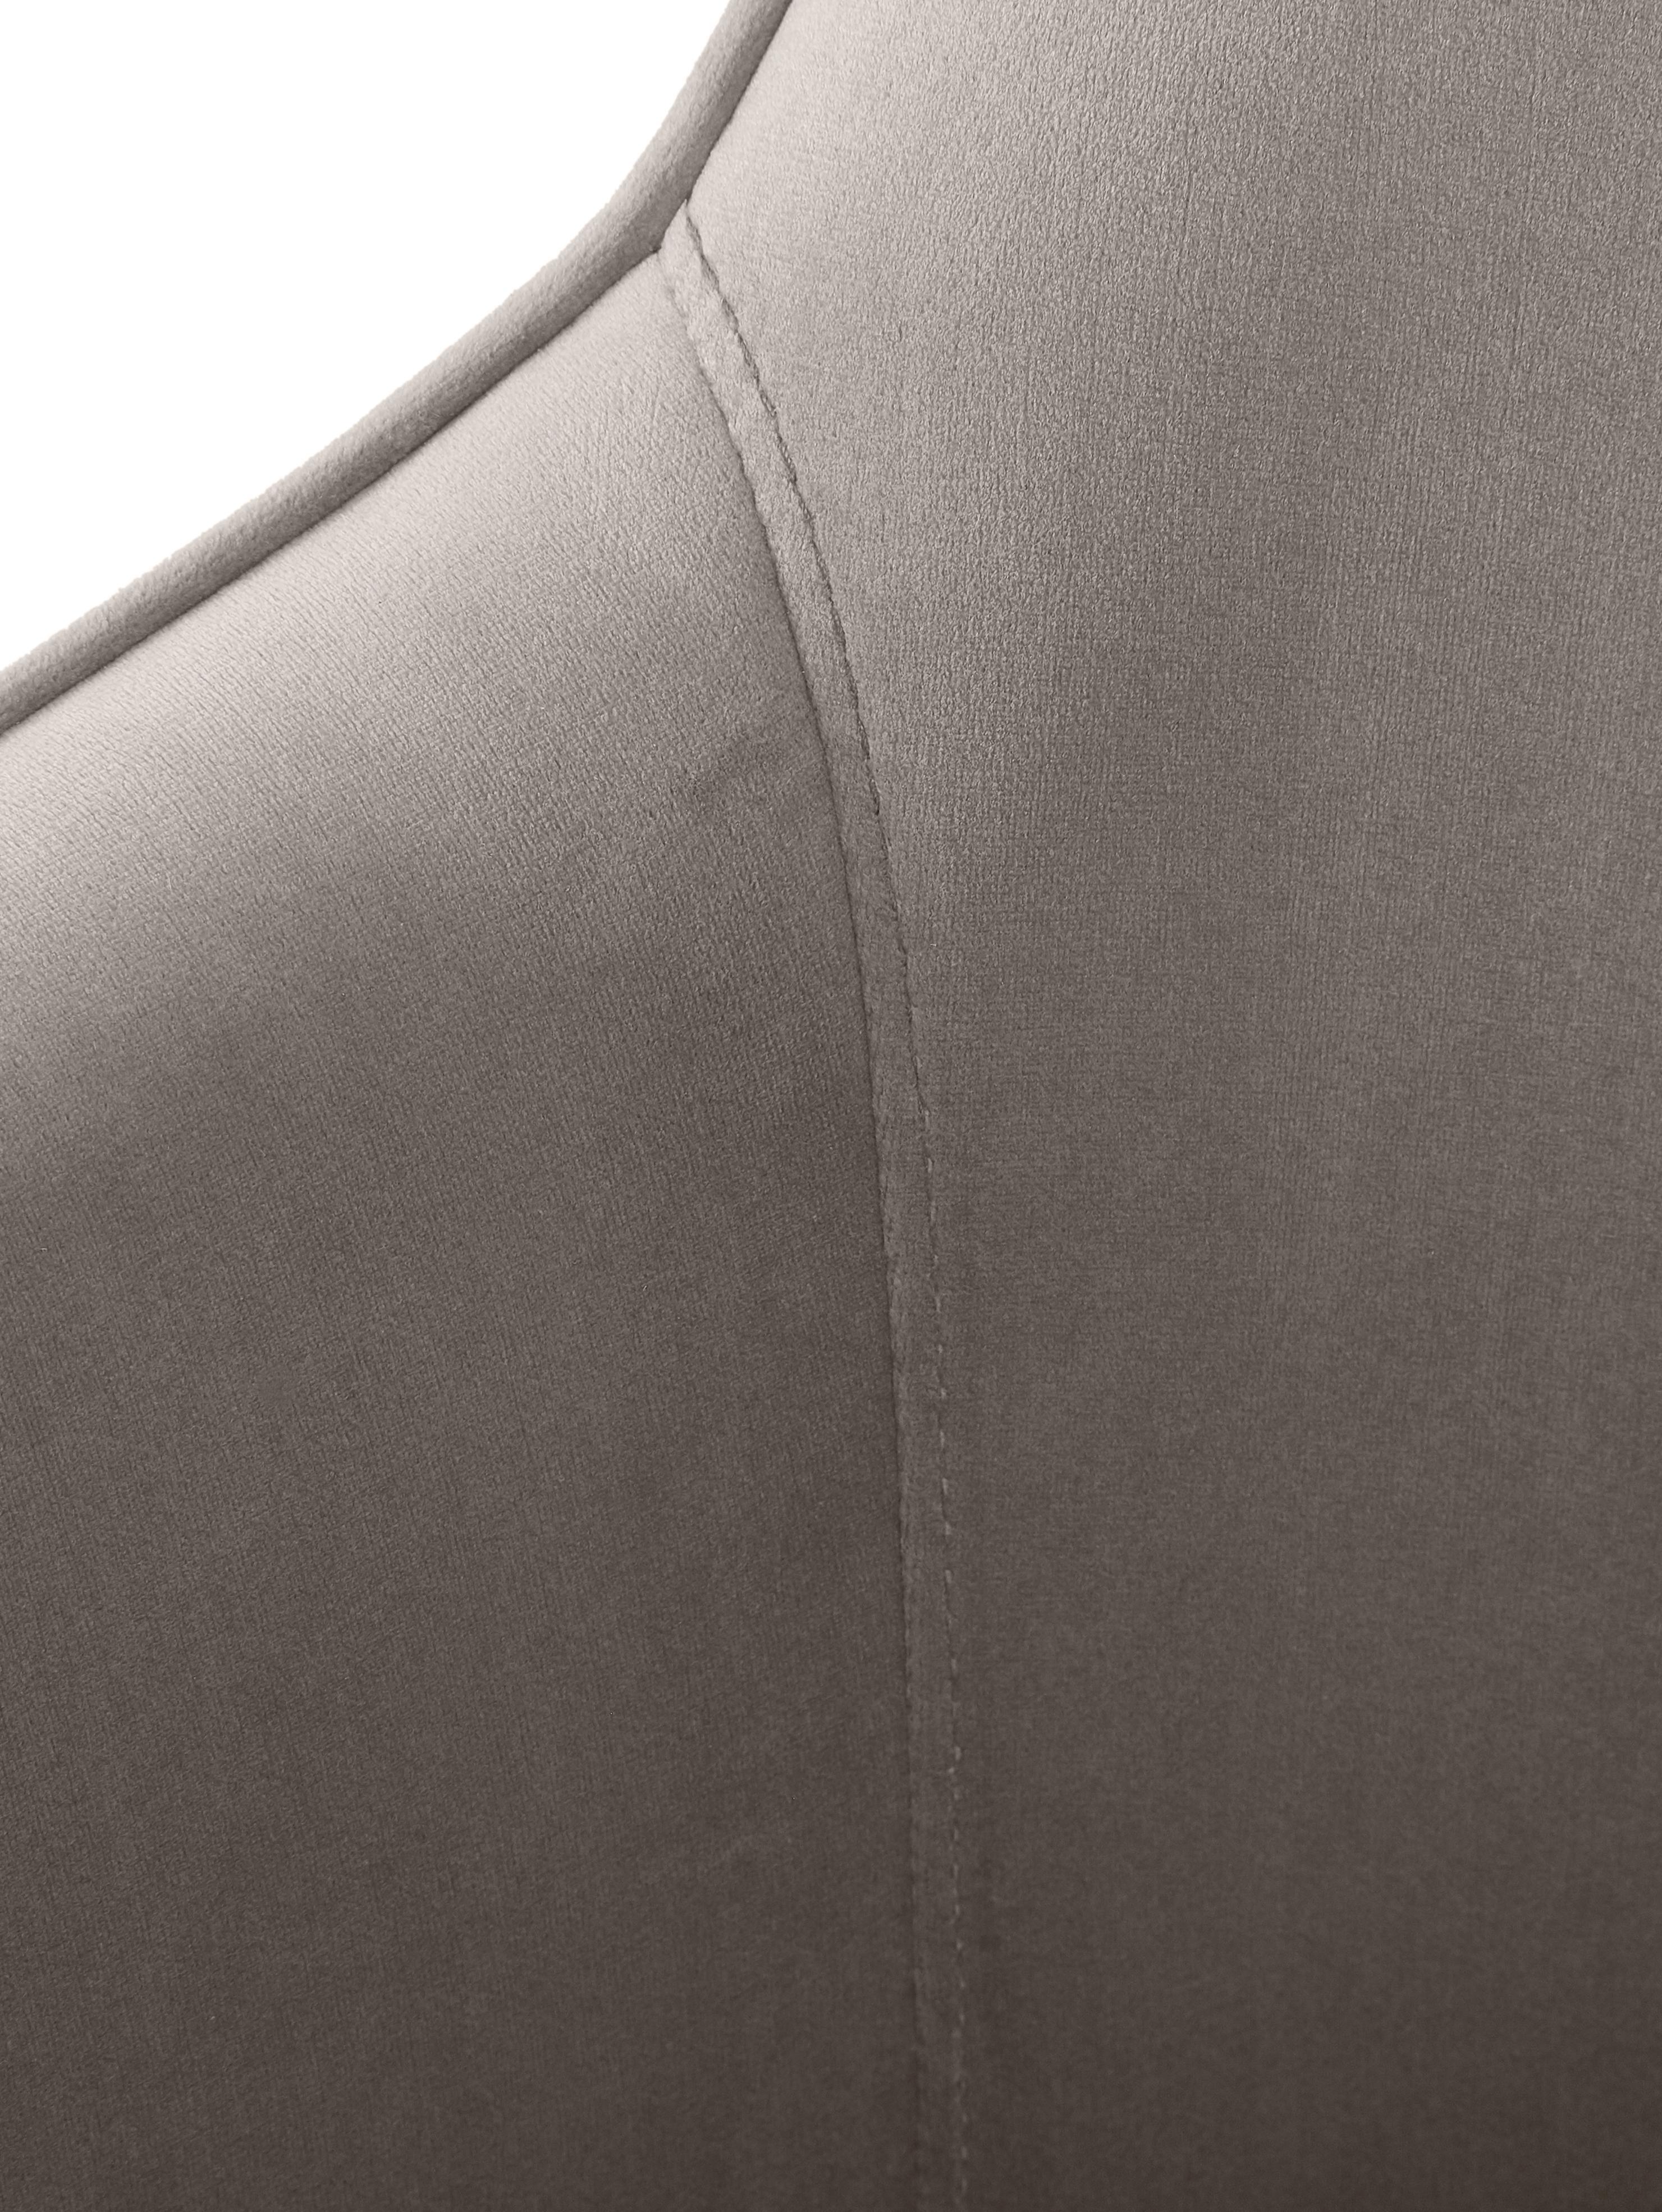 Samt-Armlehnstuhl Ava mit goldfarbenen Beinen, Bezug: Samt (Polyester) 50.000 S, Beine: Metall, galvanisiert, Samt Taupe, Beine Gold, B 57 x T 63 cm